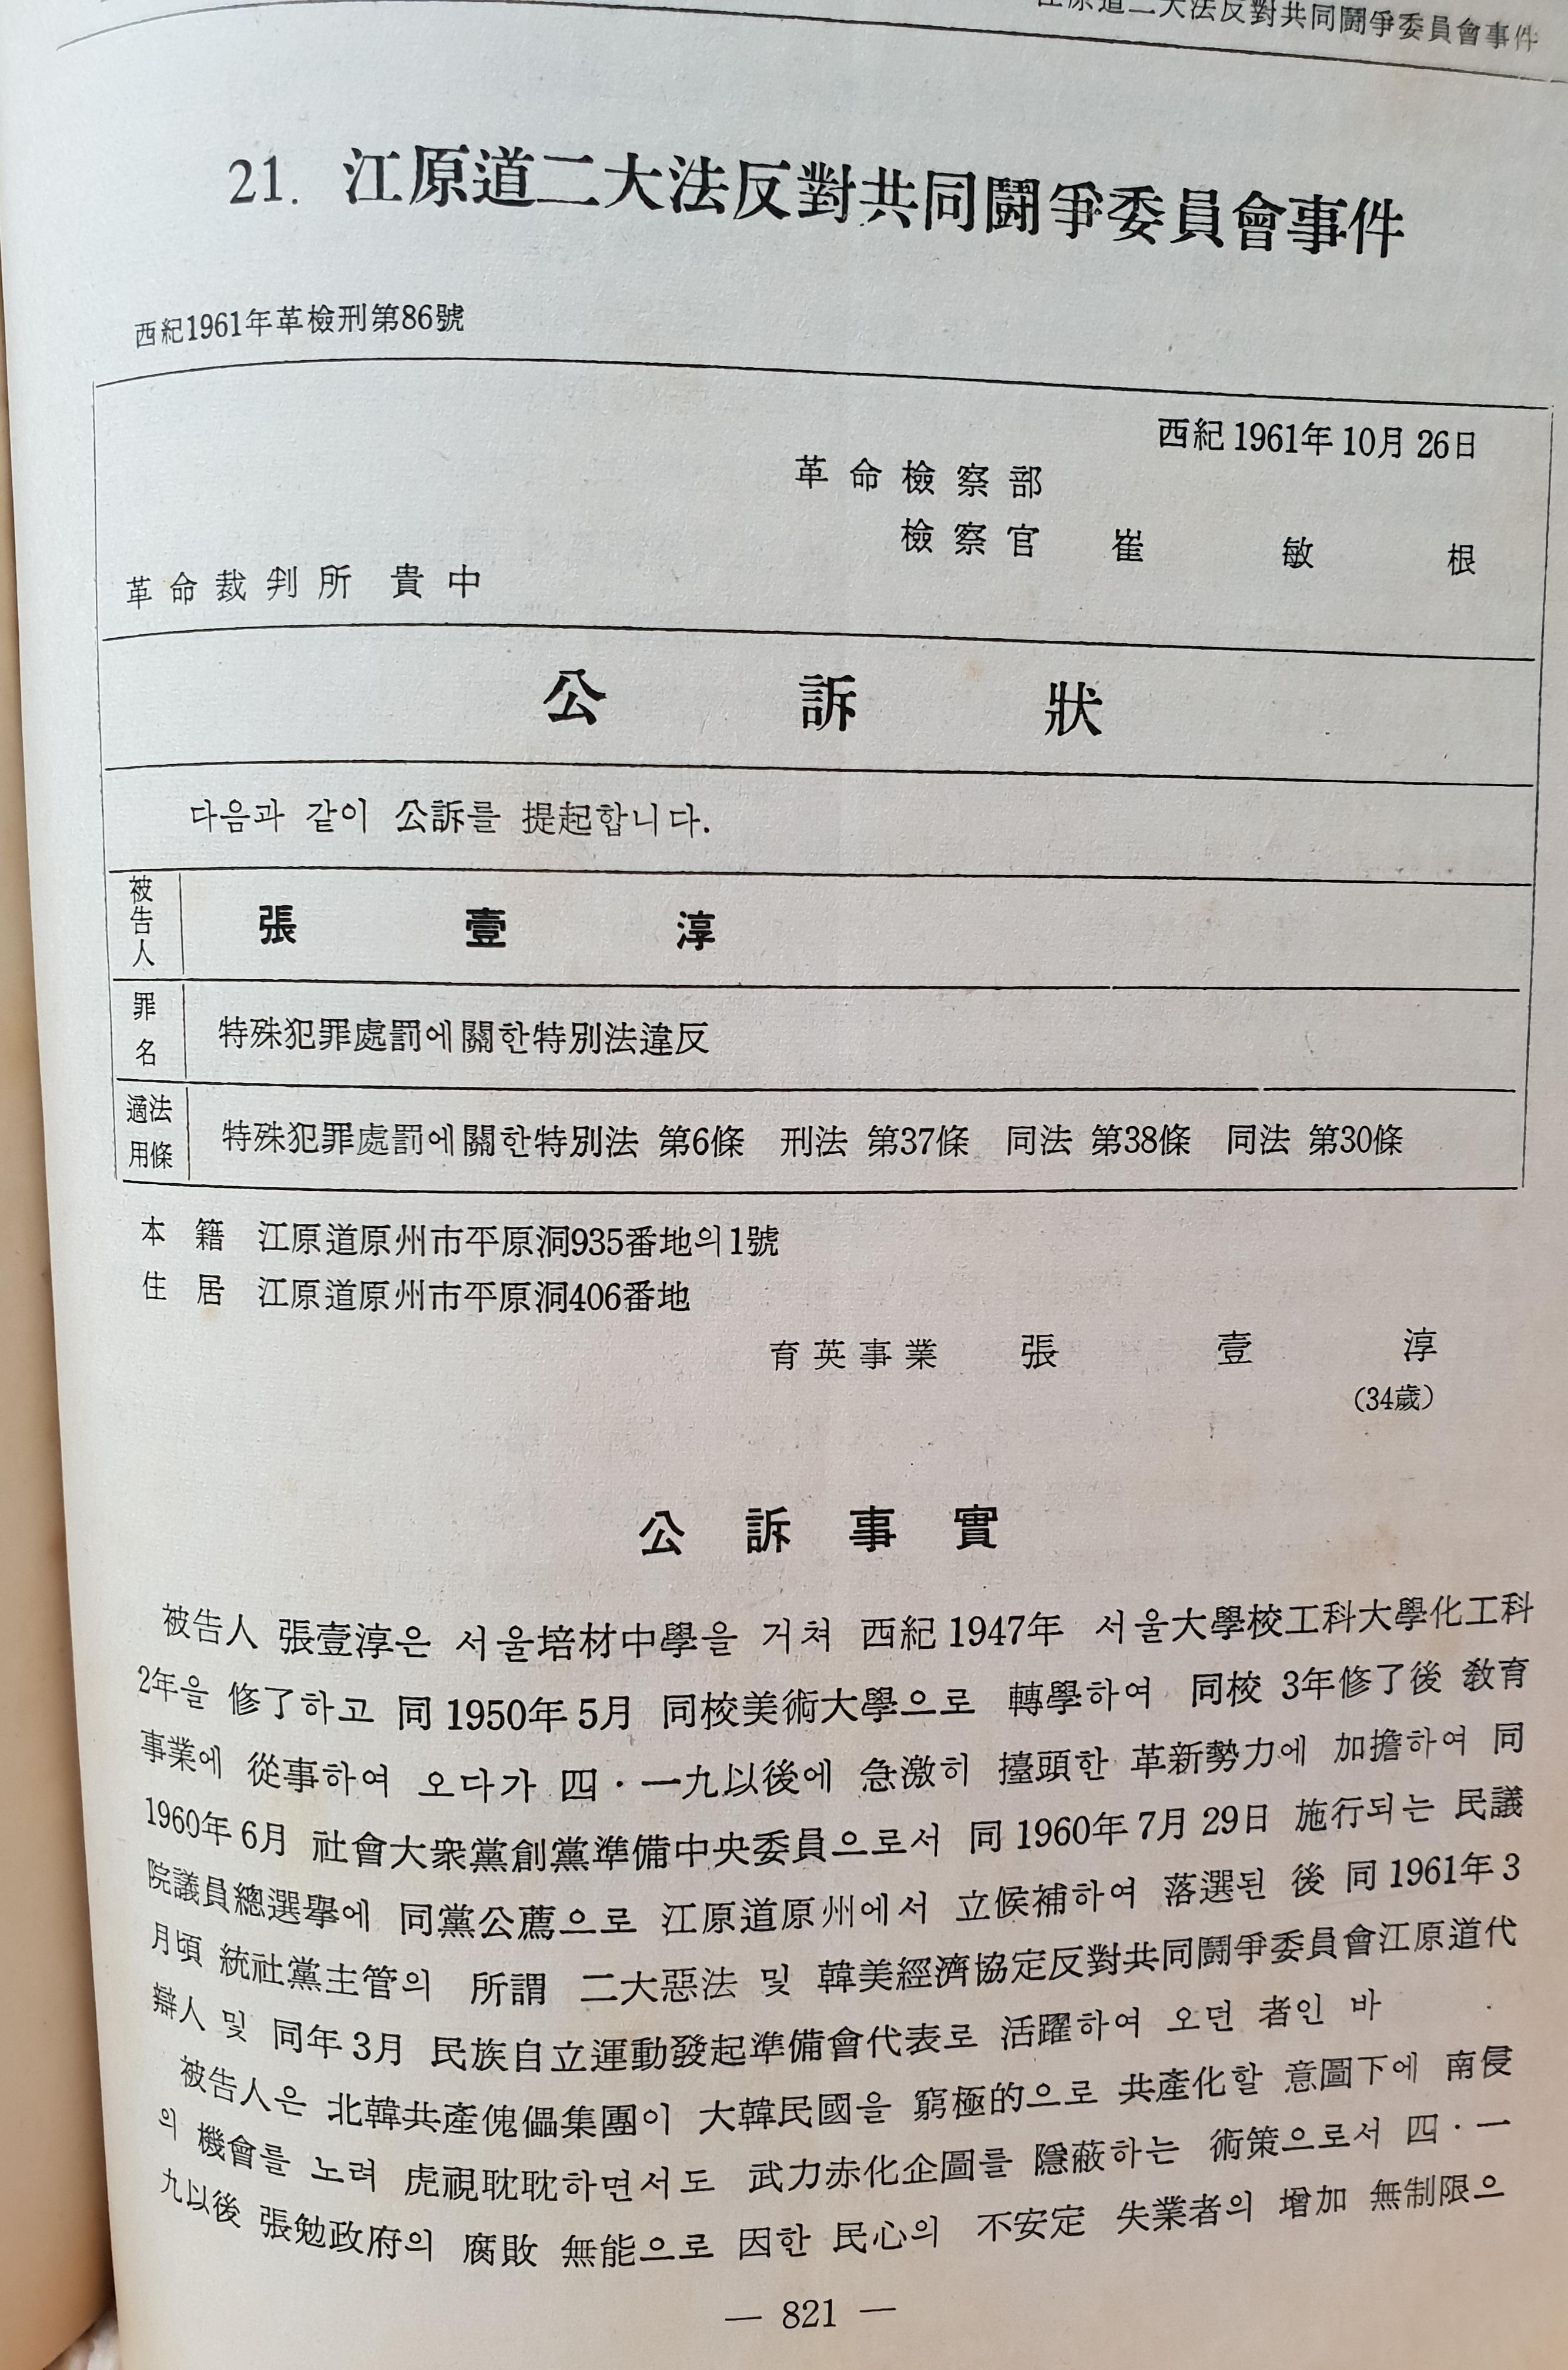 혁명재판소 재판기록, 장일순 선생 공소장 혁명재판소 재판기록, 장일순 선생 공소장